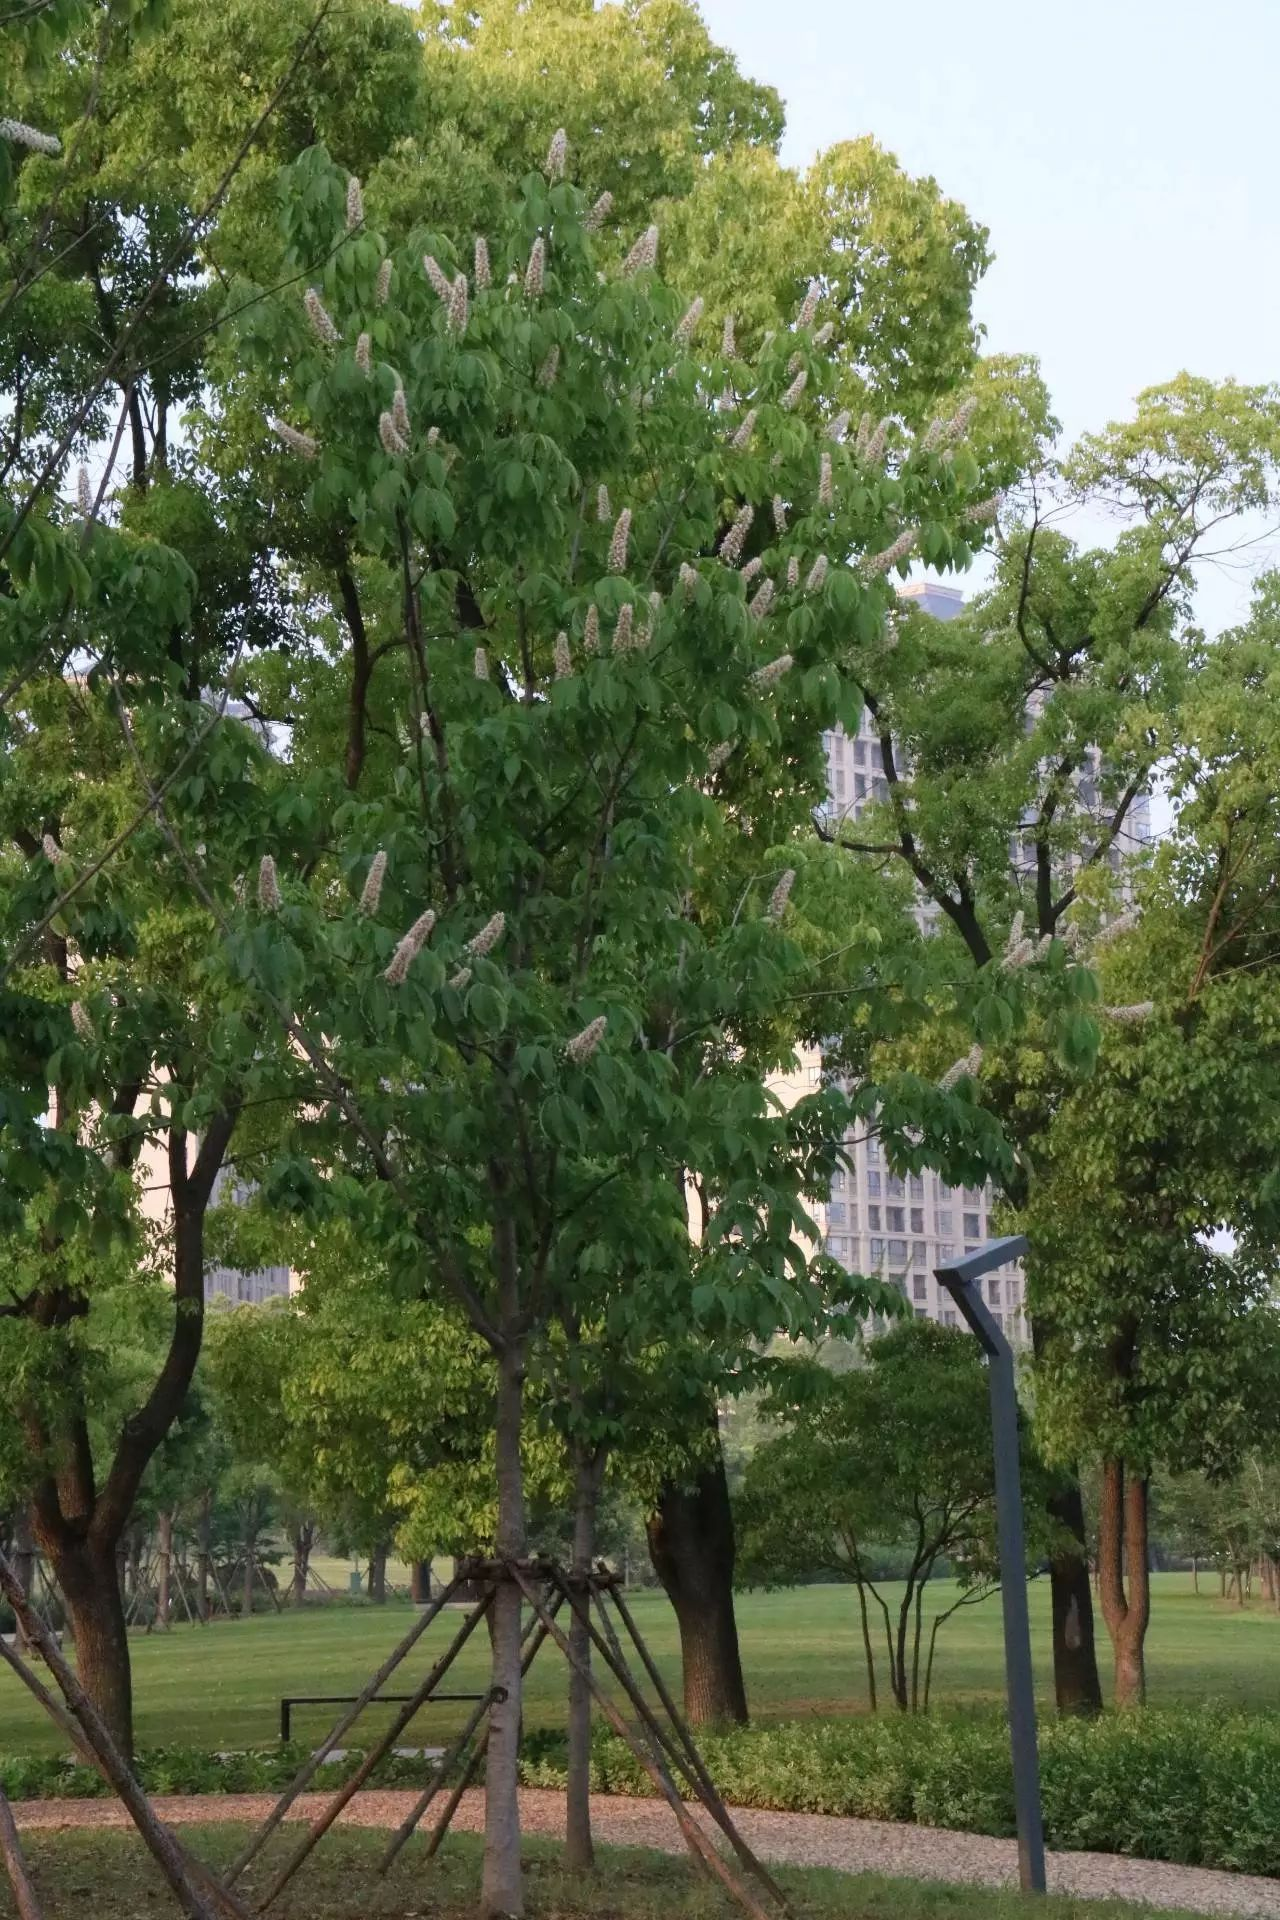 四大行道树之一 —— 七叶树